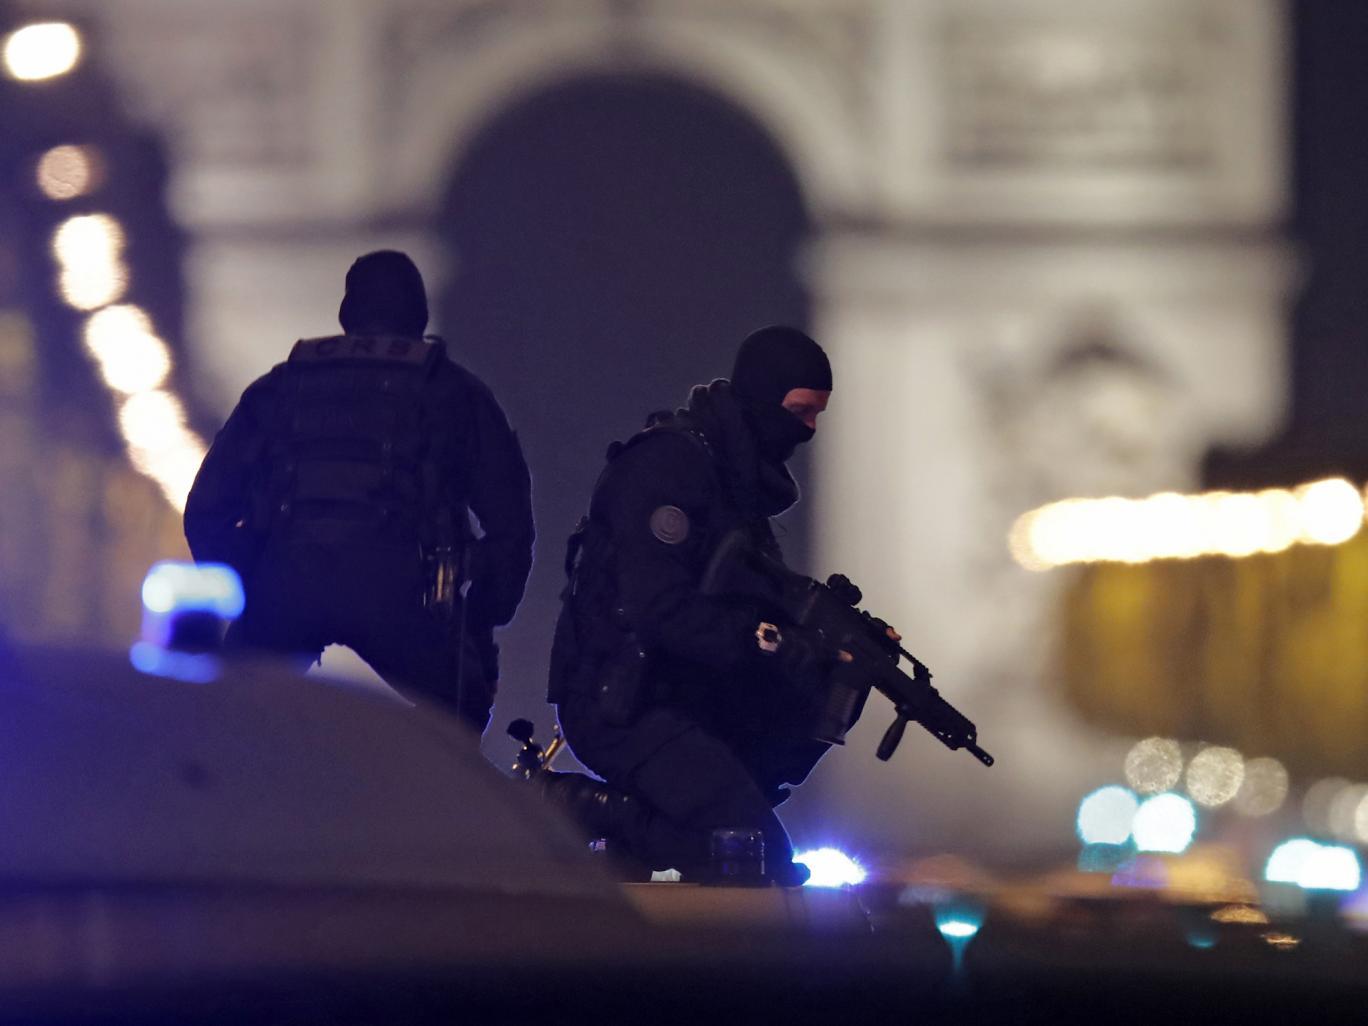 Francia: Isis rivendica responsabilità per attacco con sparatoria a Parigi che ha causato la morte d